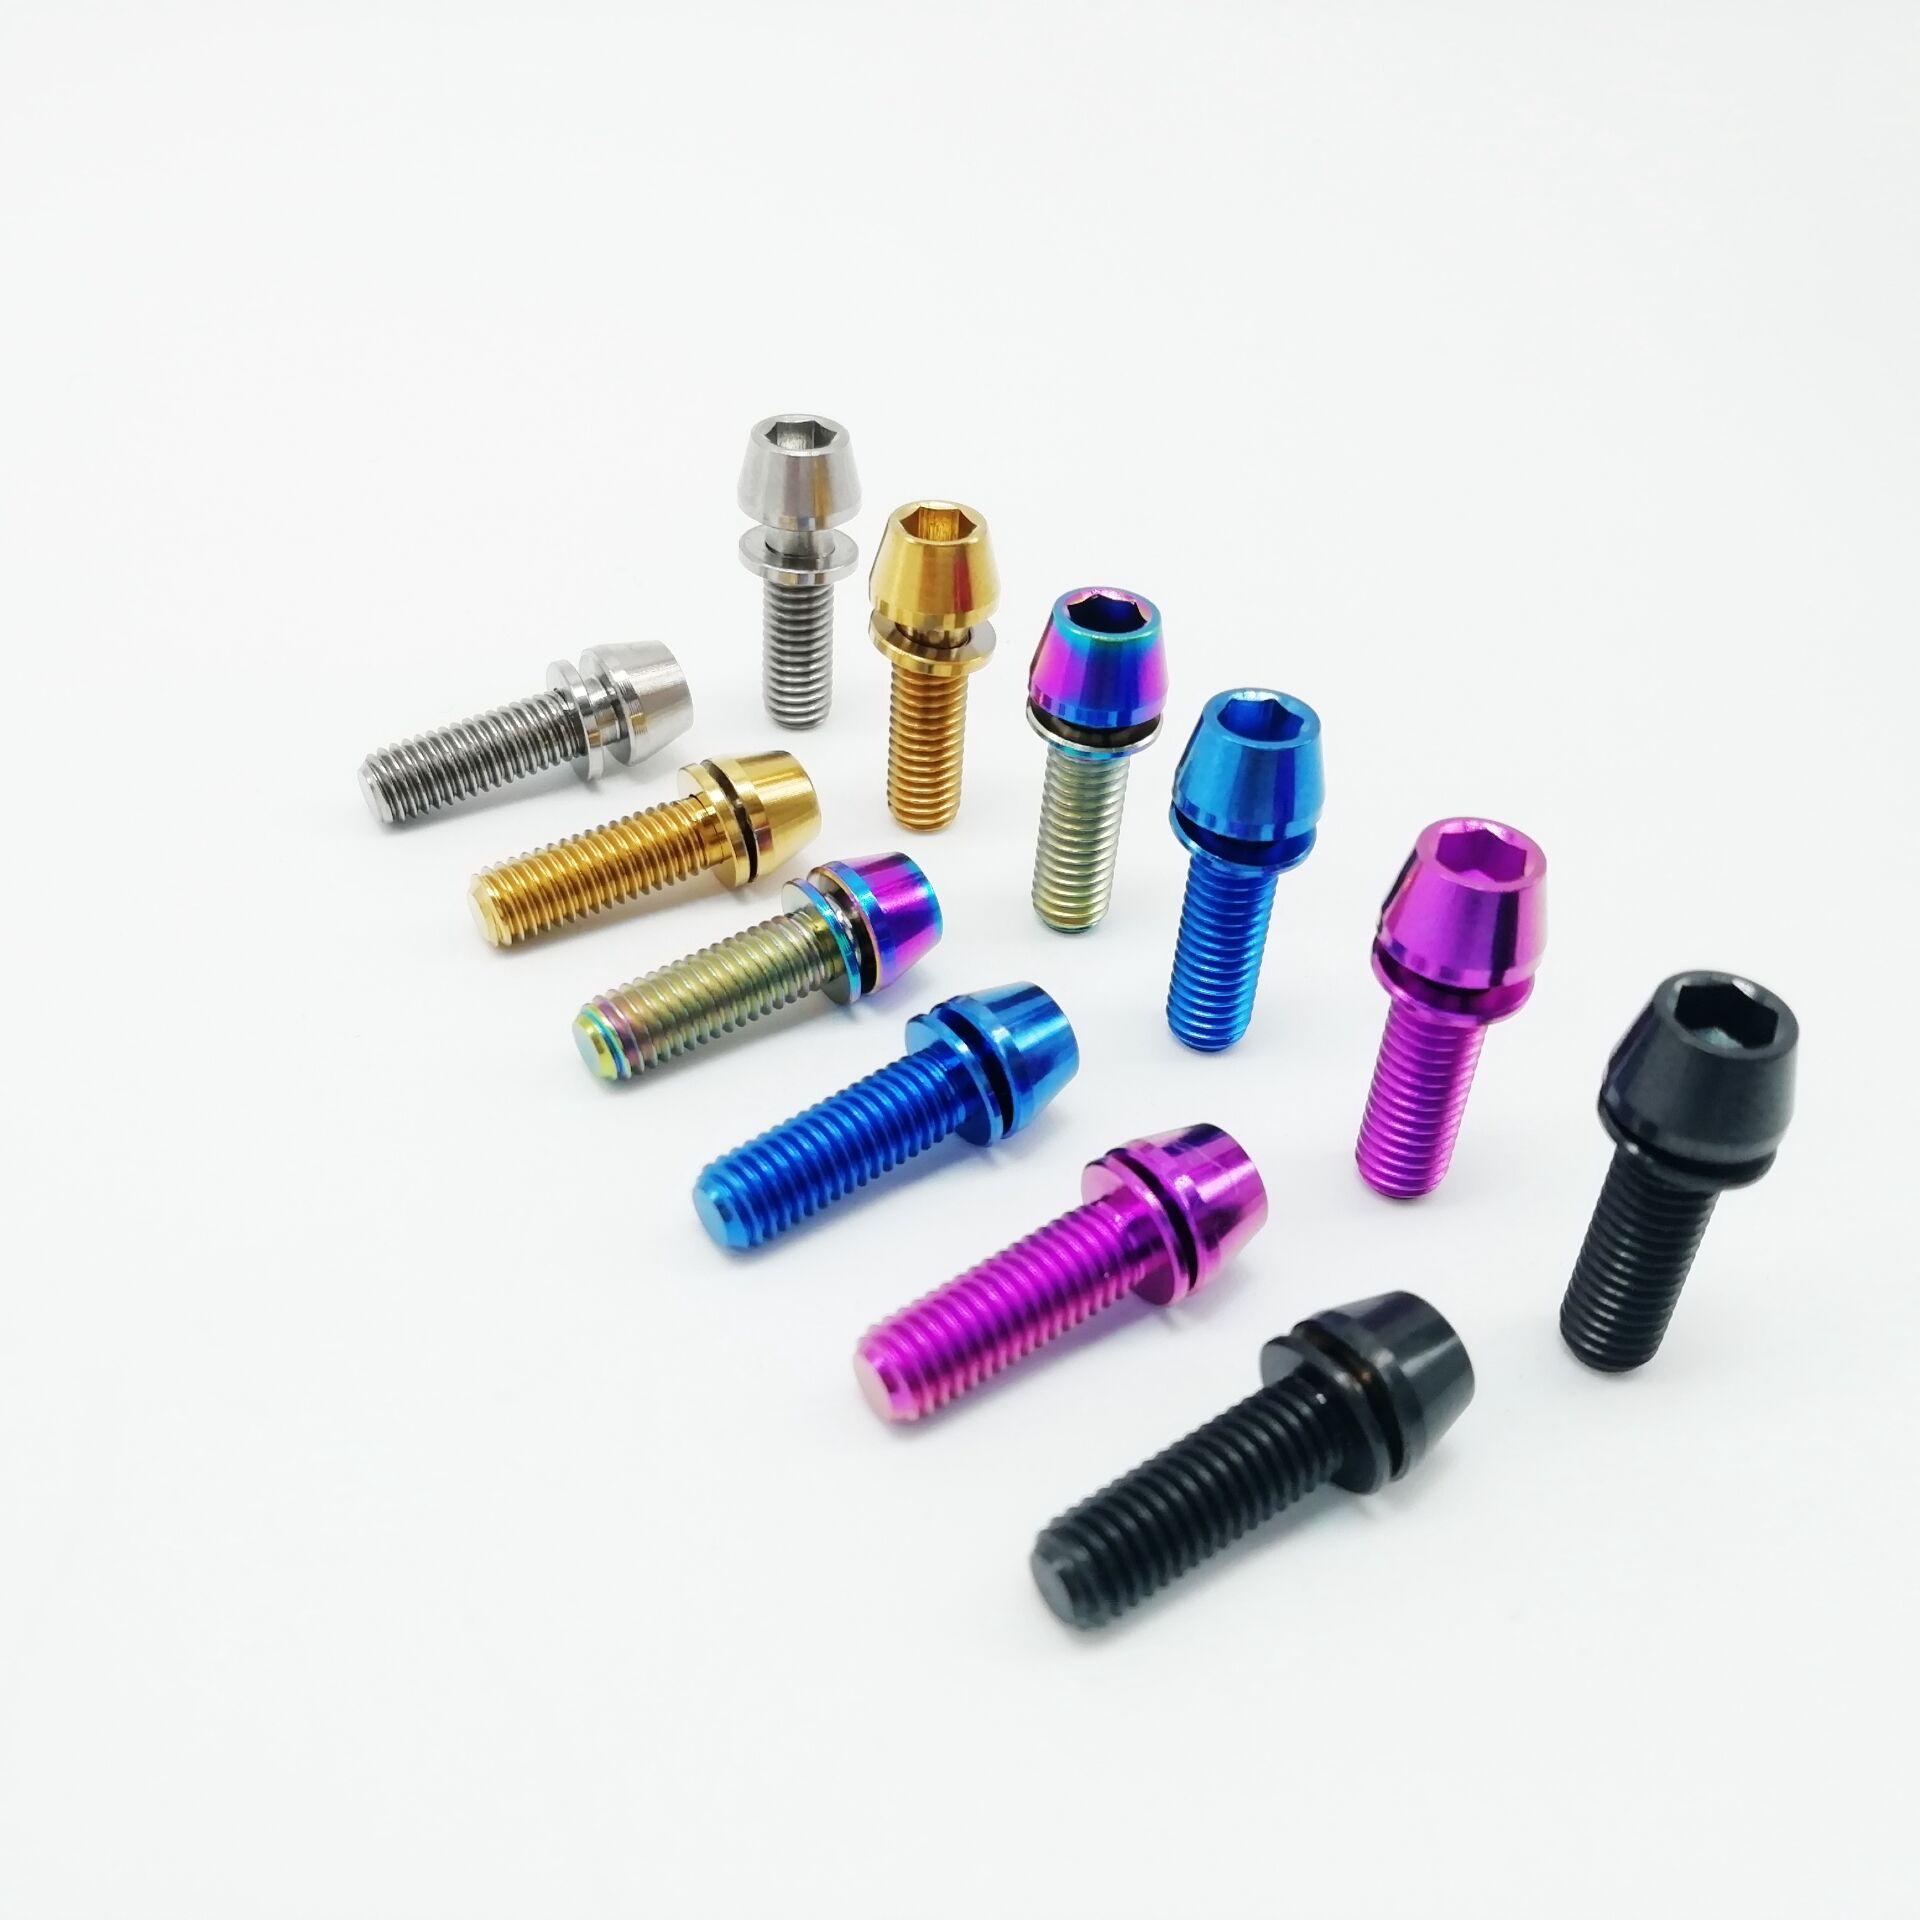 10 pcs M5 x 18mm Titanium Bolt w// Ti Washer Blue fit Stem Use